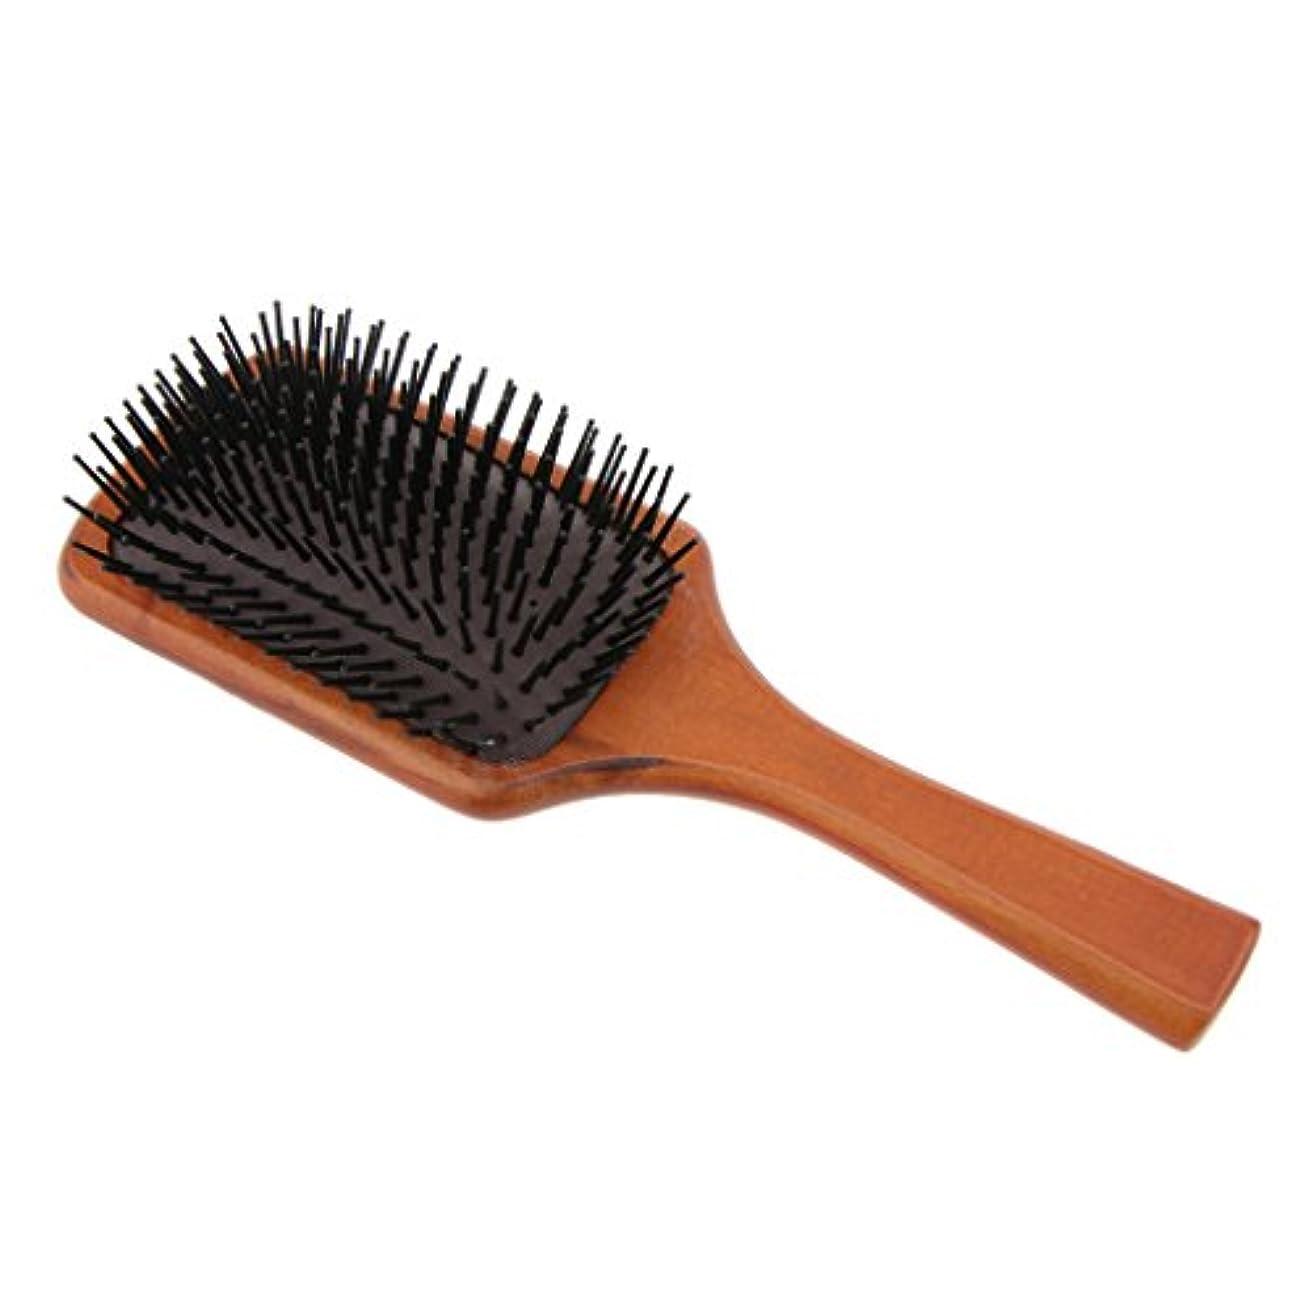 検索シーンタイプ木製櫛 ヘアコーム ヘアブラシ 頭皮マッサージ 帯電防止